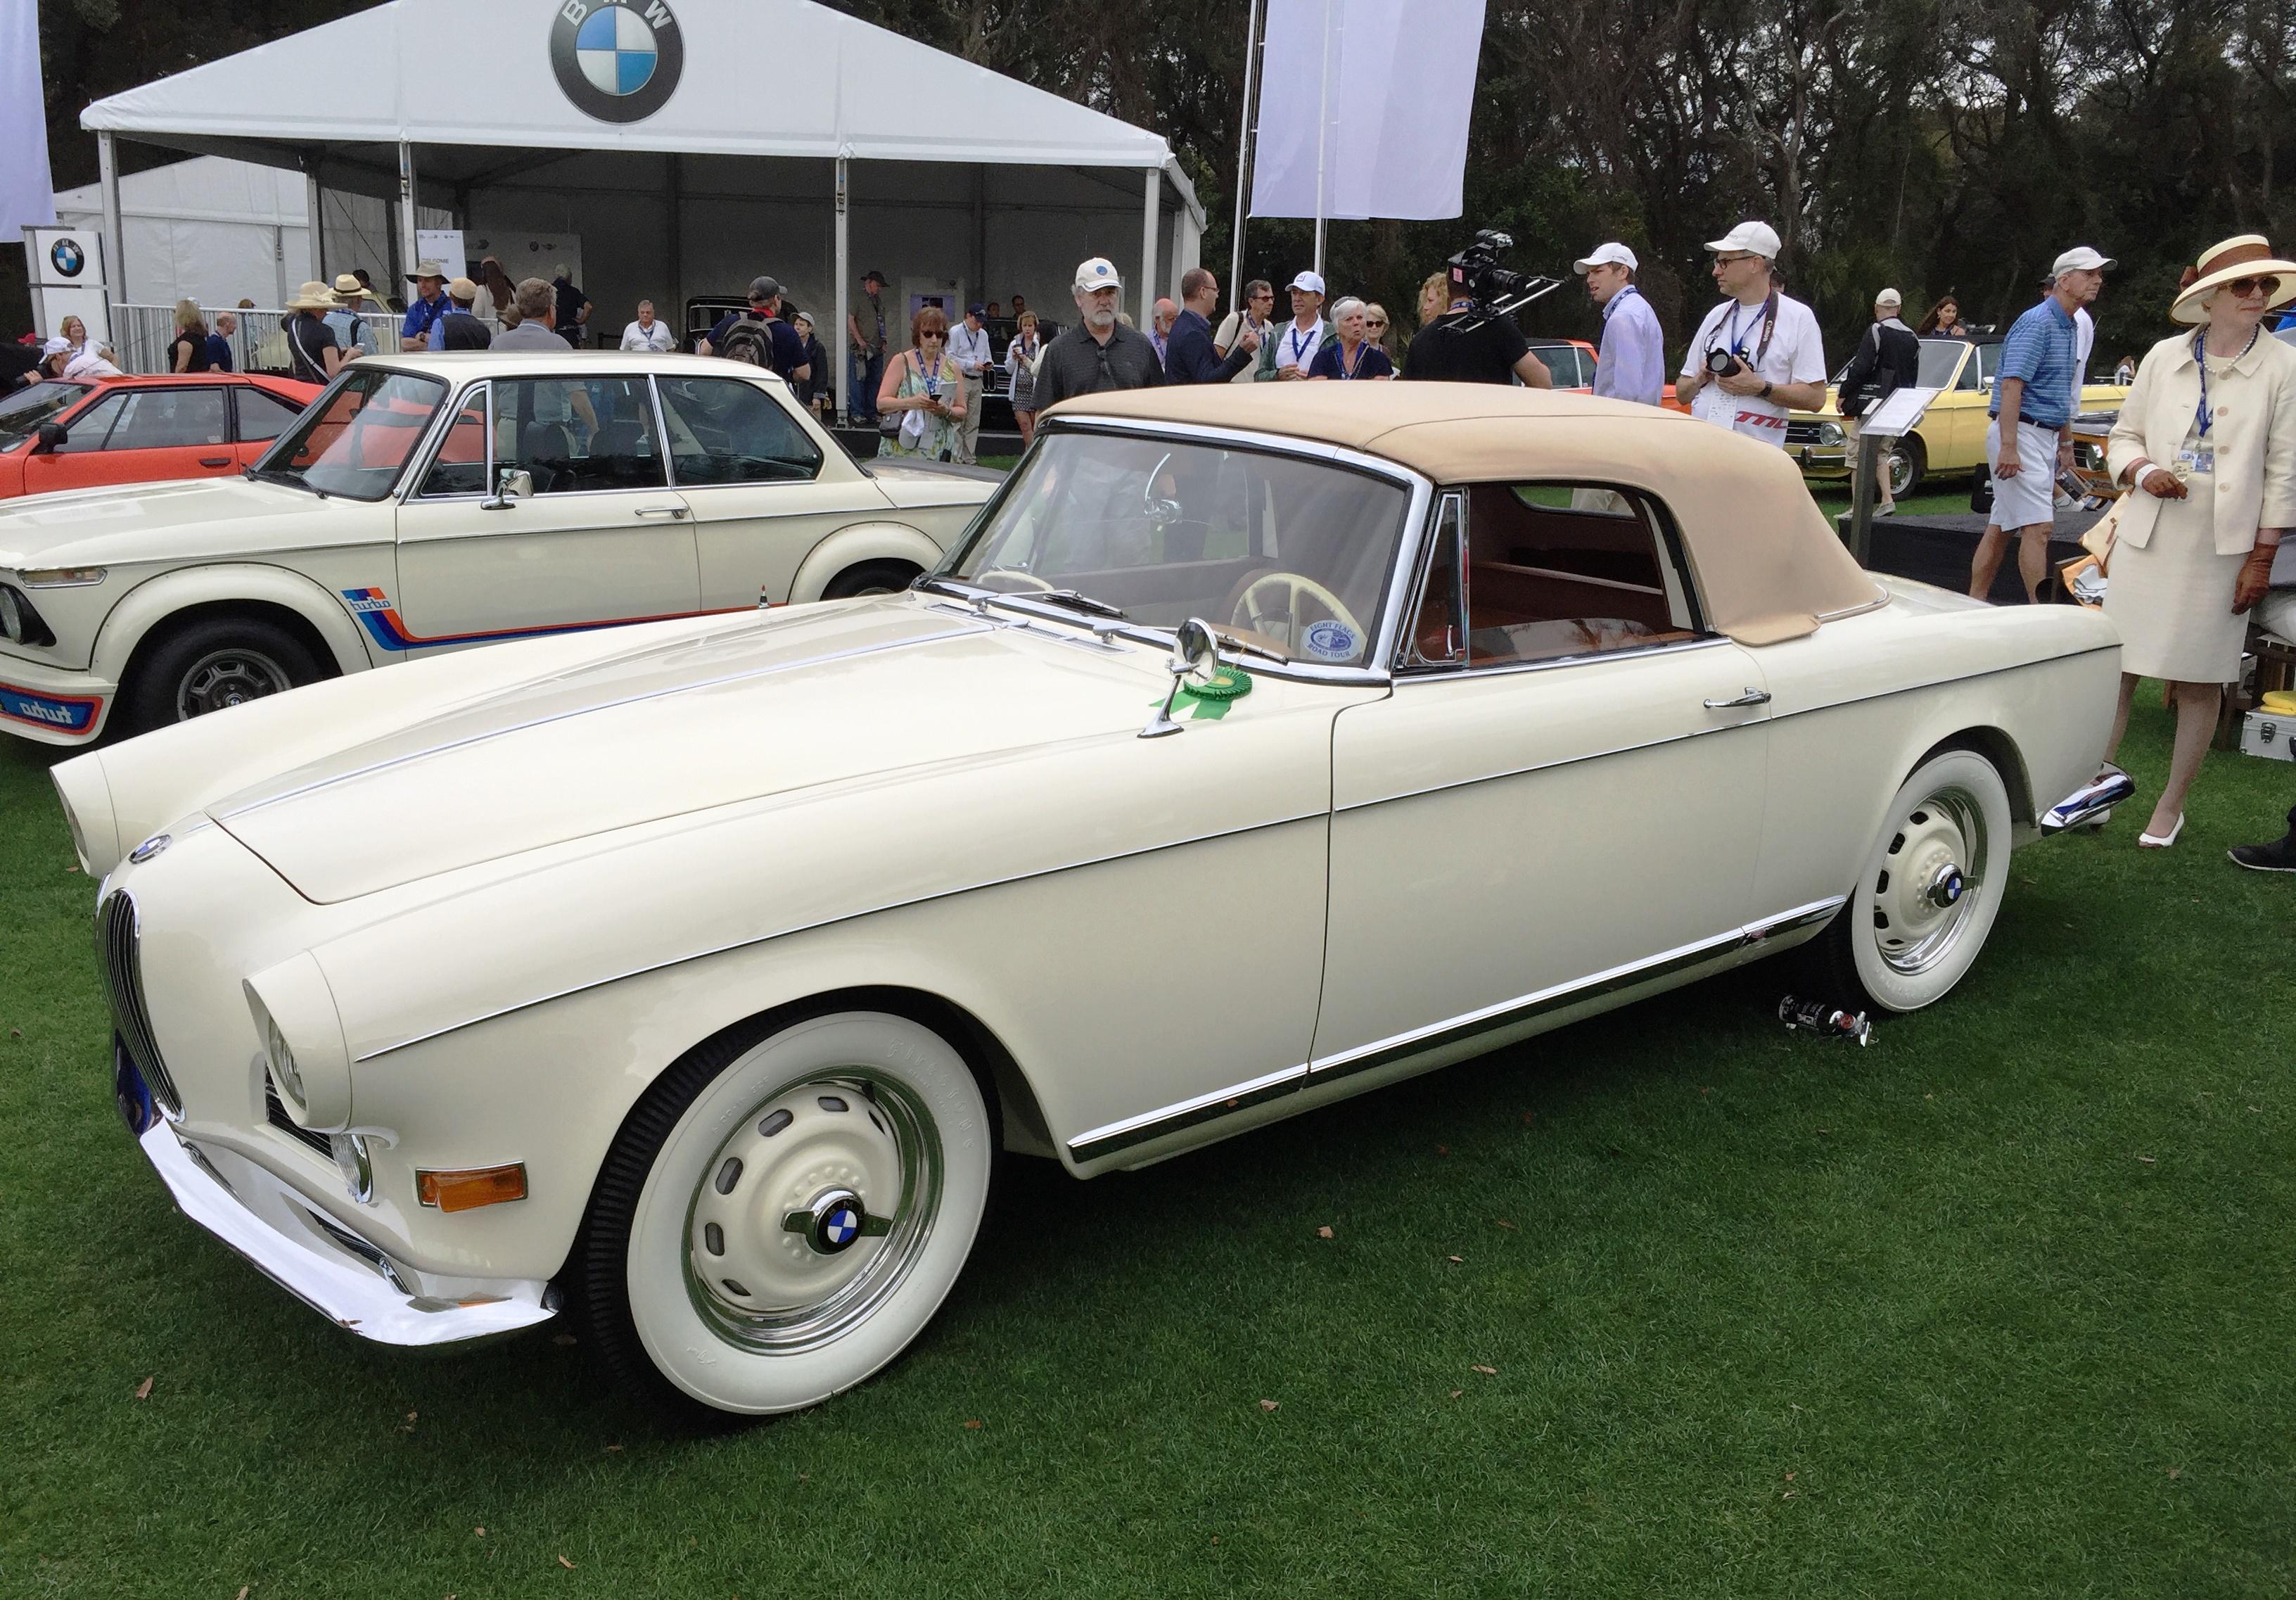 white BMW 503 - amelia island concours